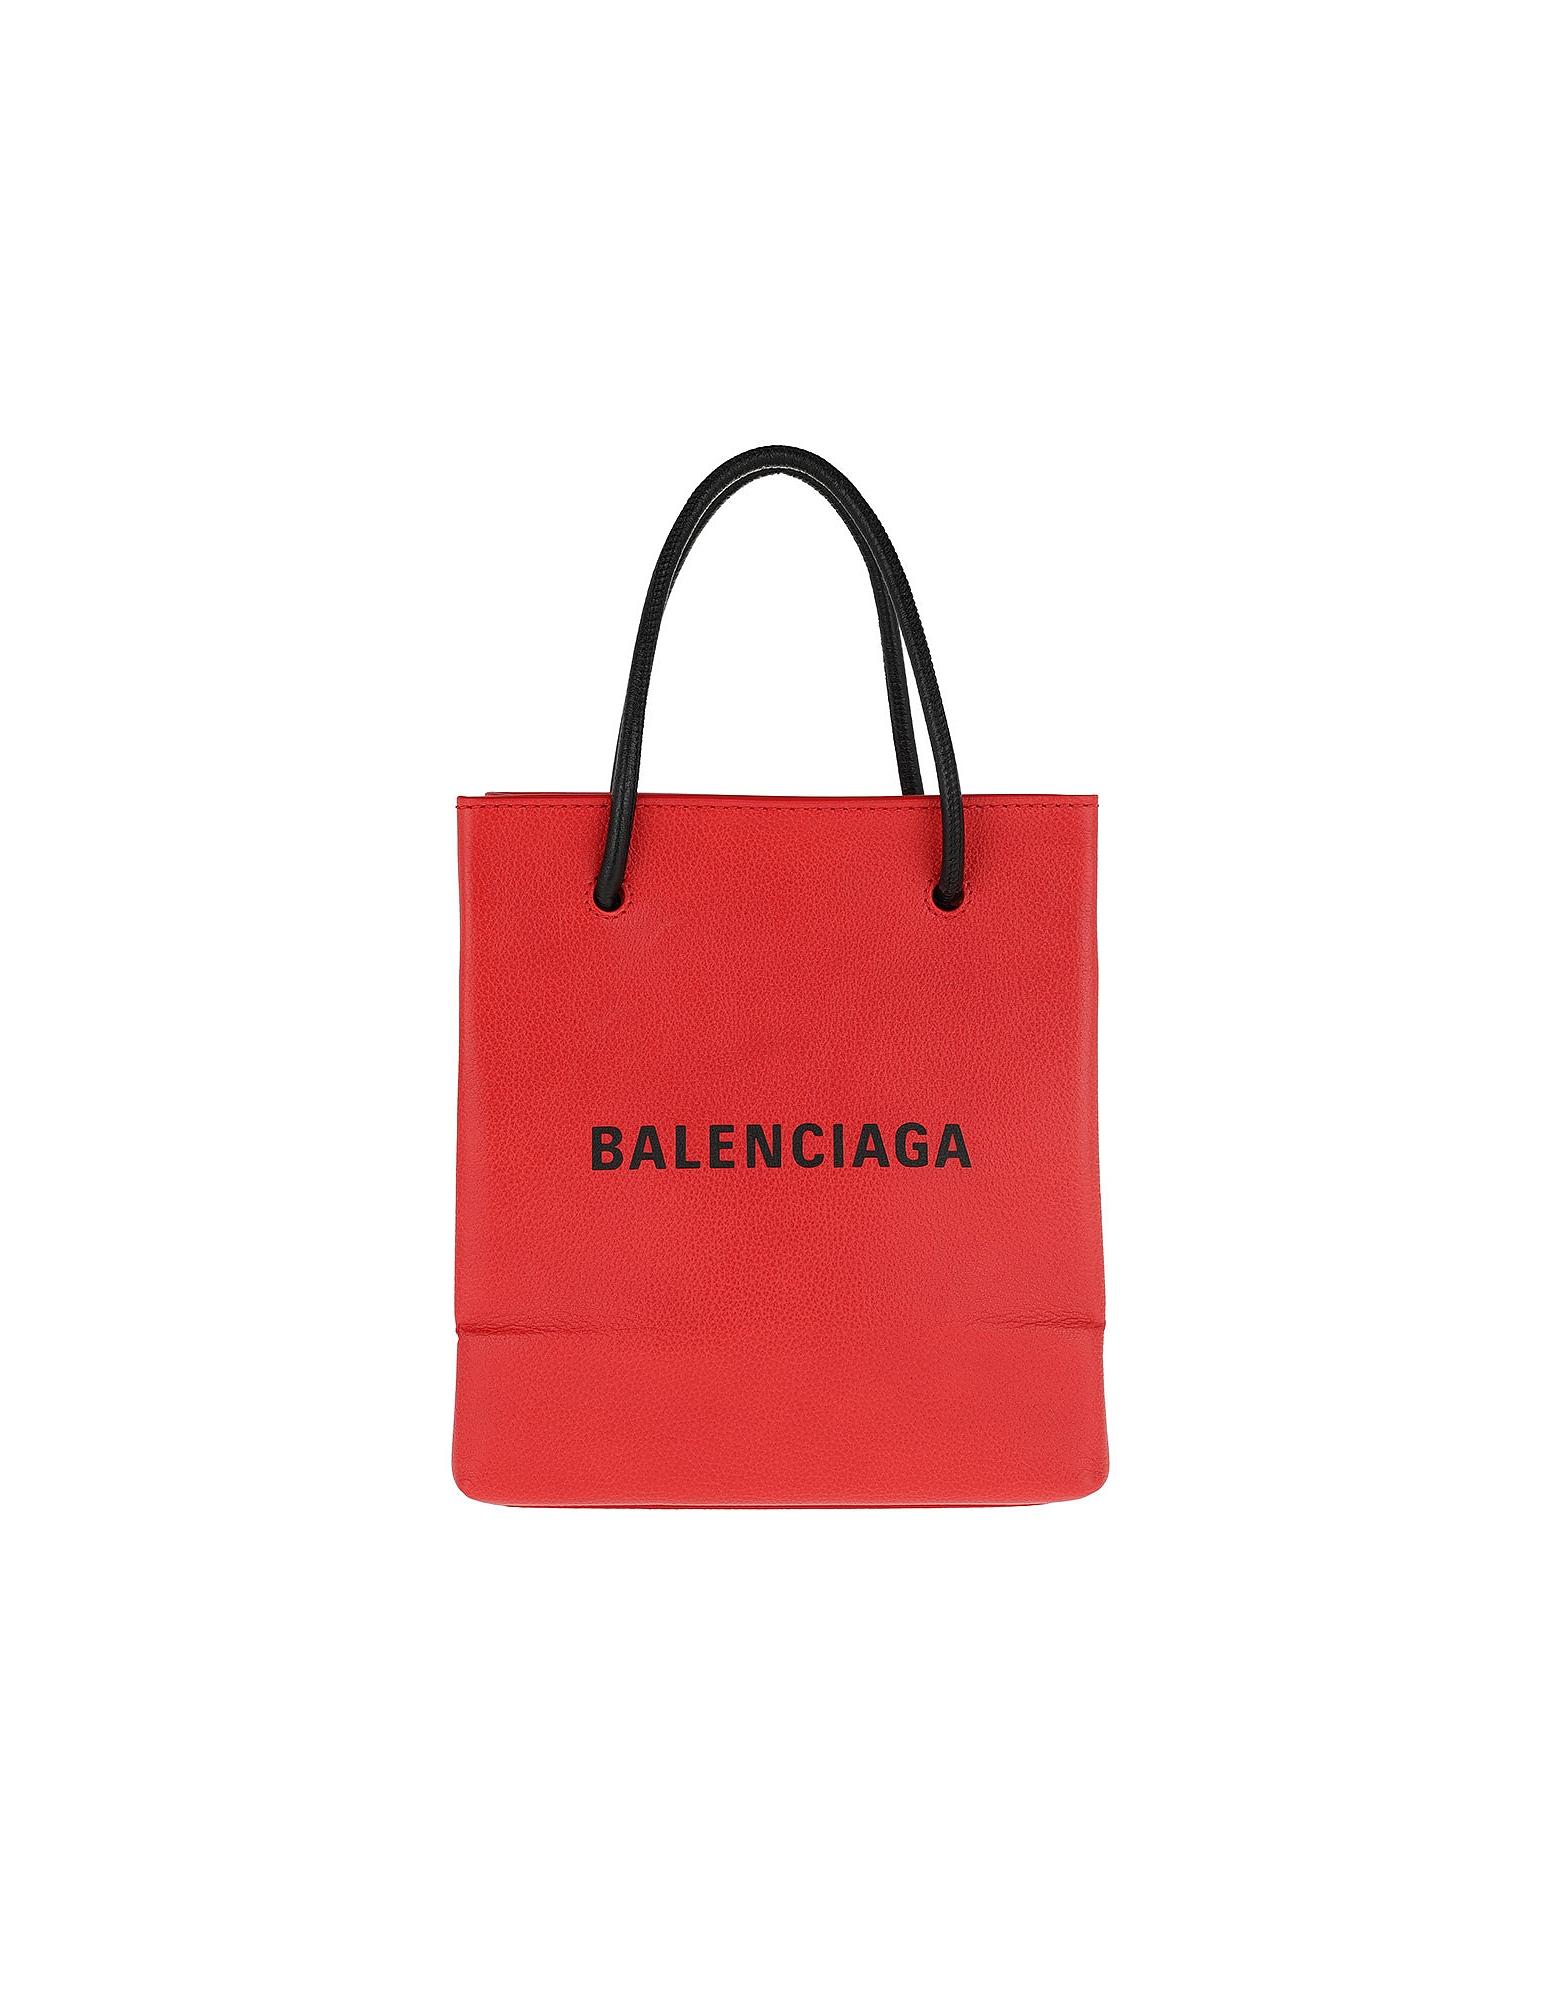 Balenciaga Handbags, Shopping Tote XXS Red/Black